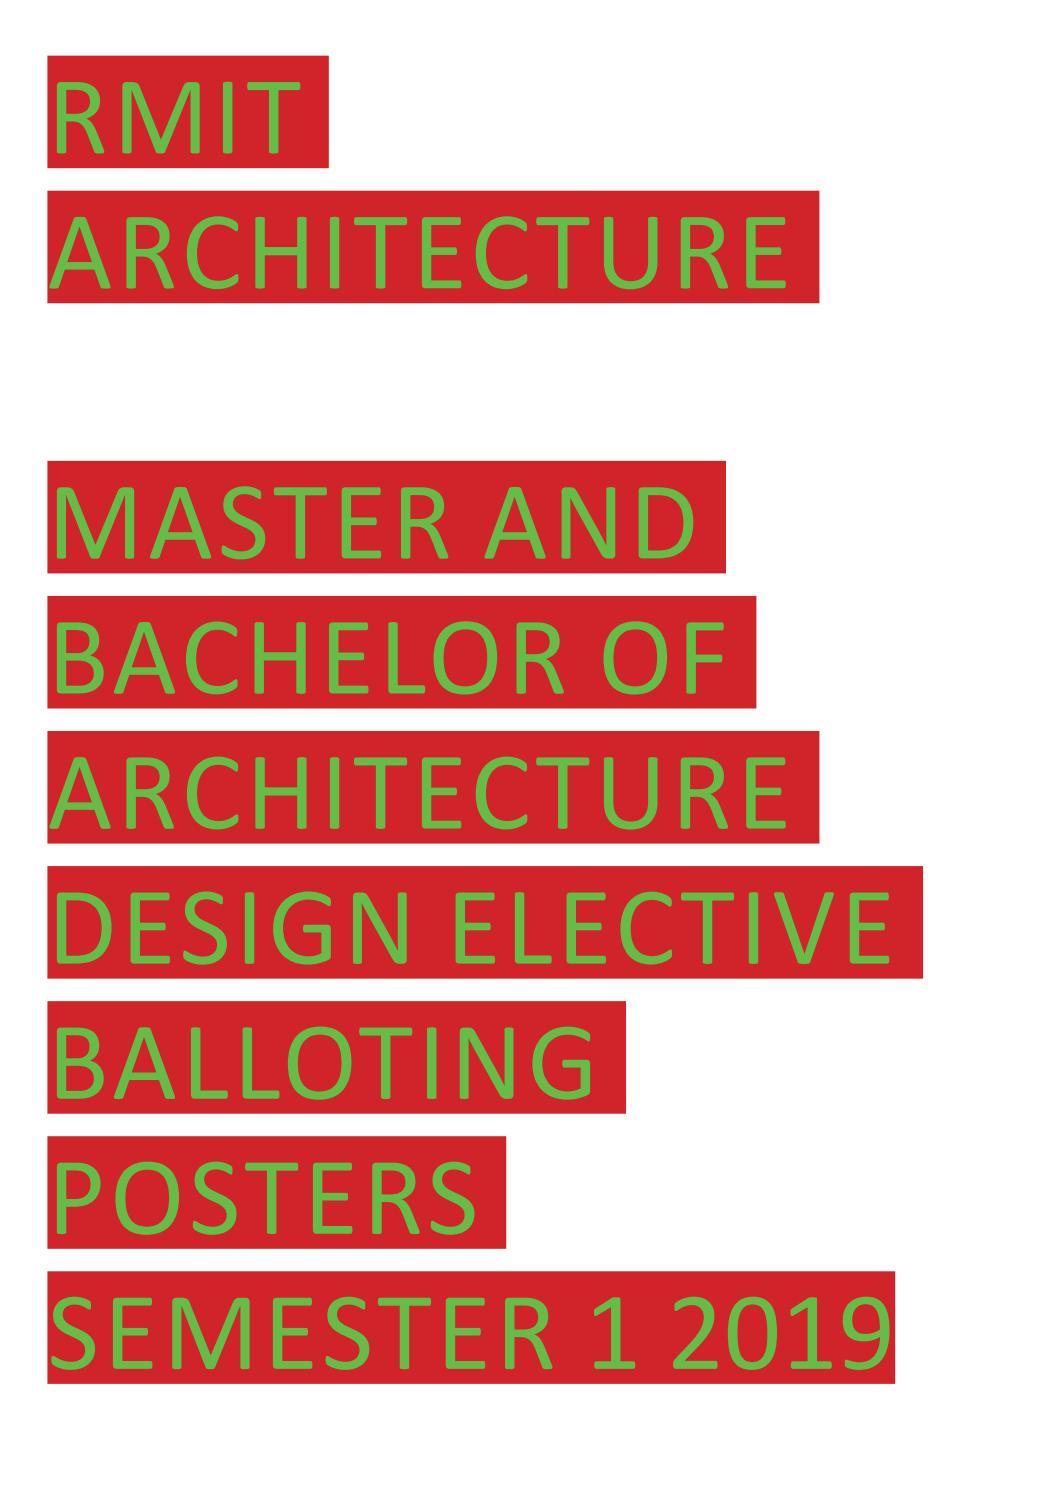 RMIT ARCHITECTURE DESIGN ELECTIVE POSTERS SEMESTER 1, 2019